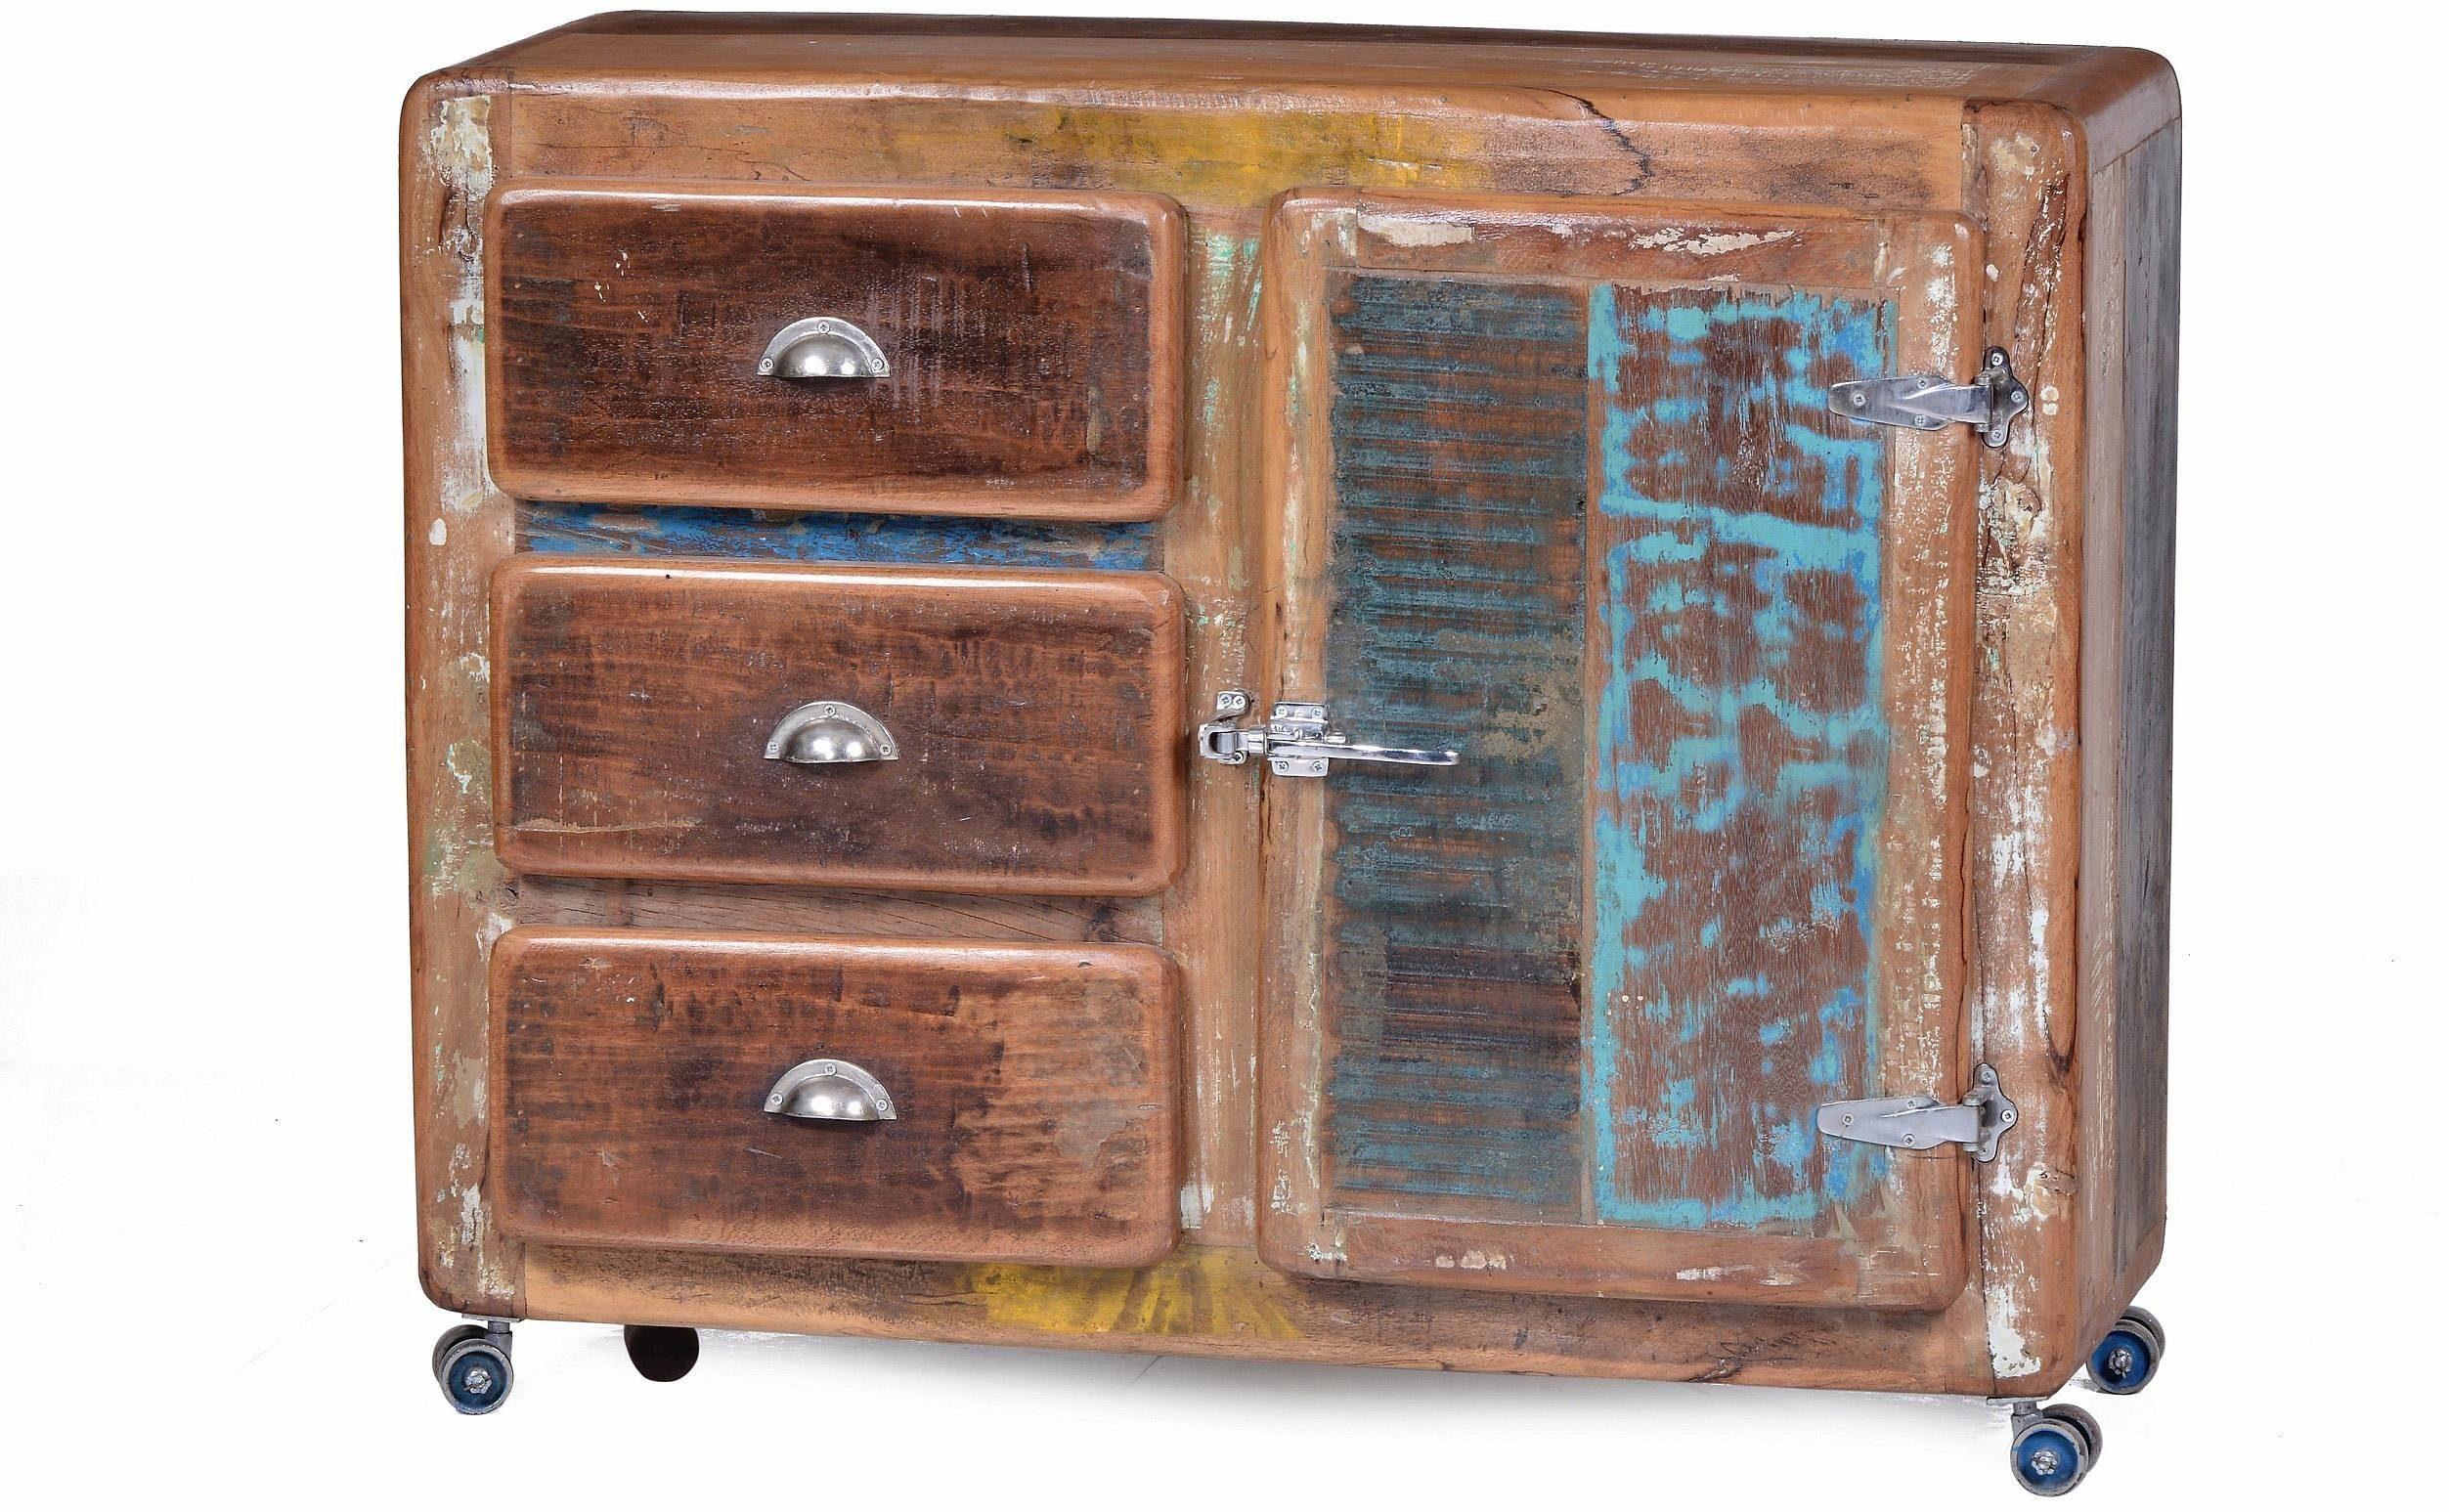 Kühlschrankgriff : Sit kommode fridge« breite cm mit kühlschrankgriff online